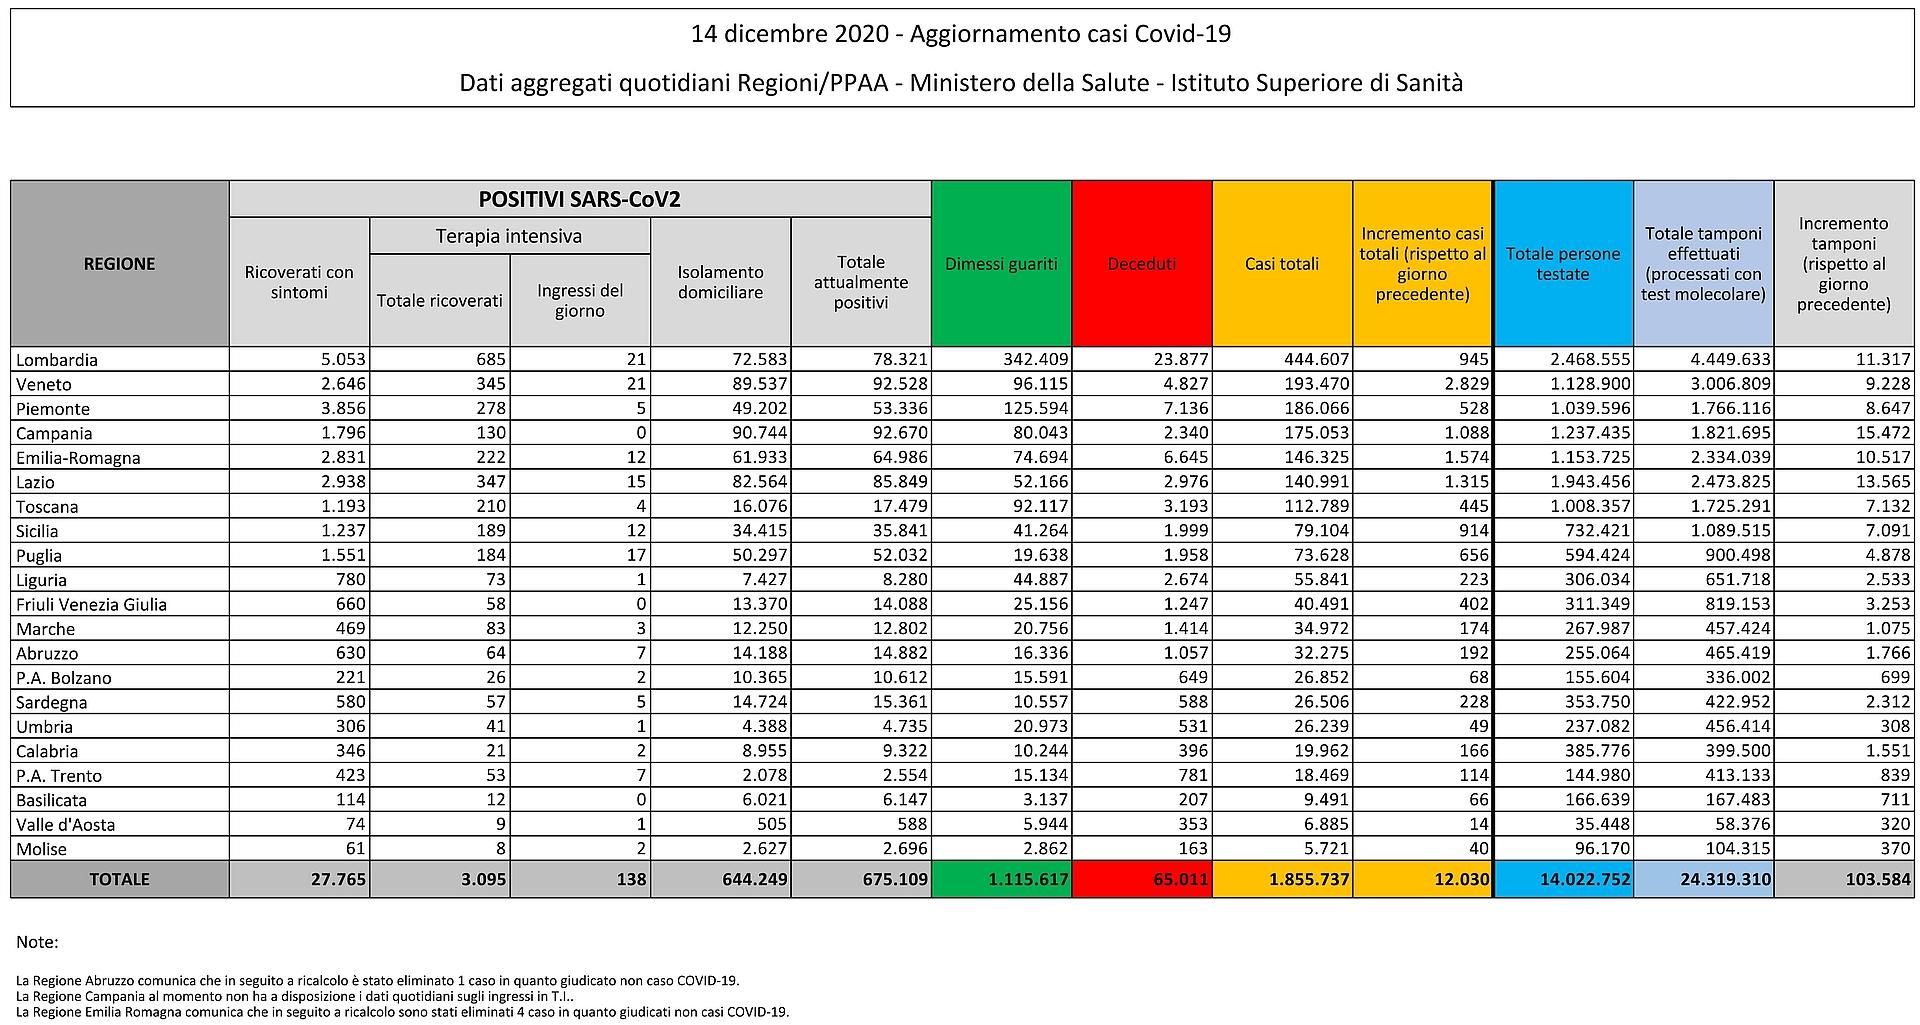 14 dicembre 2020 - Aggiornamento casi Covid-19 Dati aggregati quotidiani Regioni/PPAA - Ministero della Salute - Istituto Superiore di Sanità